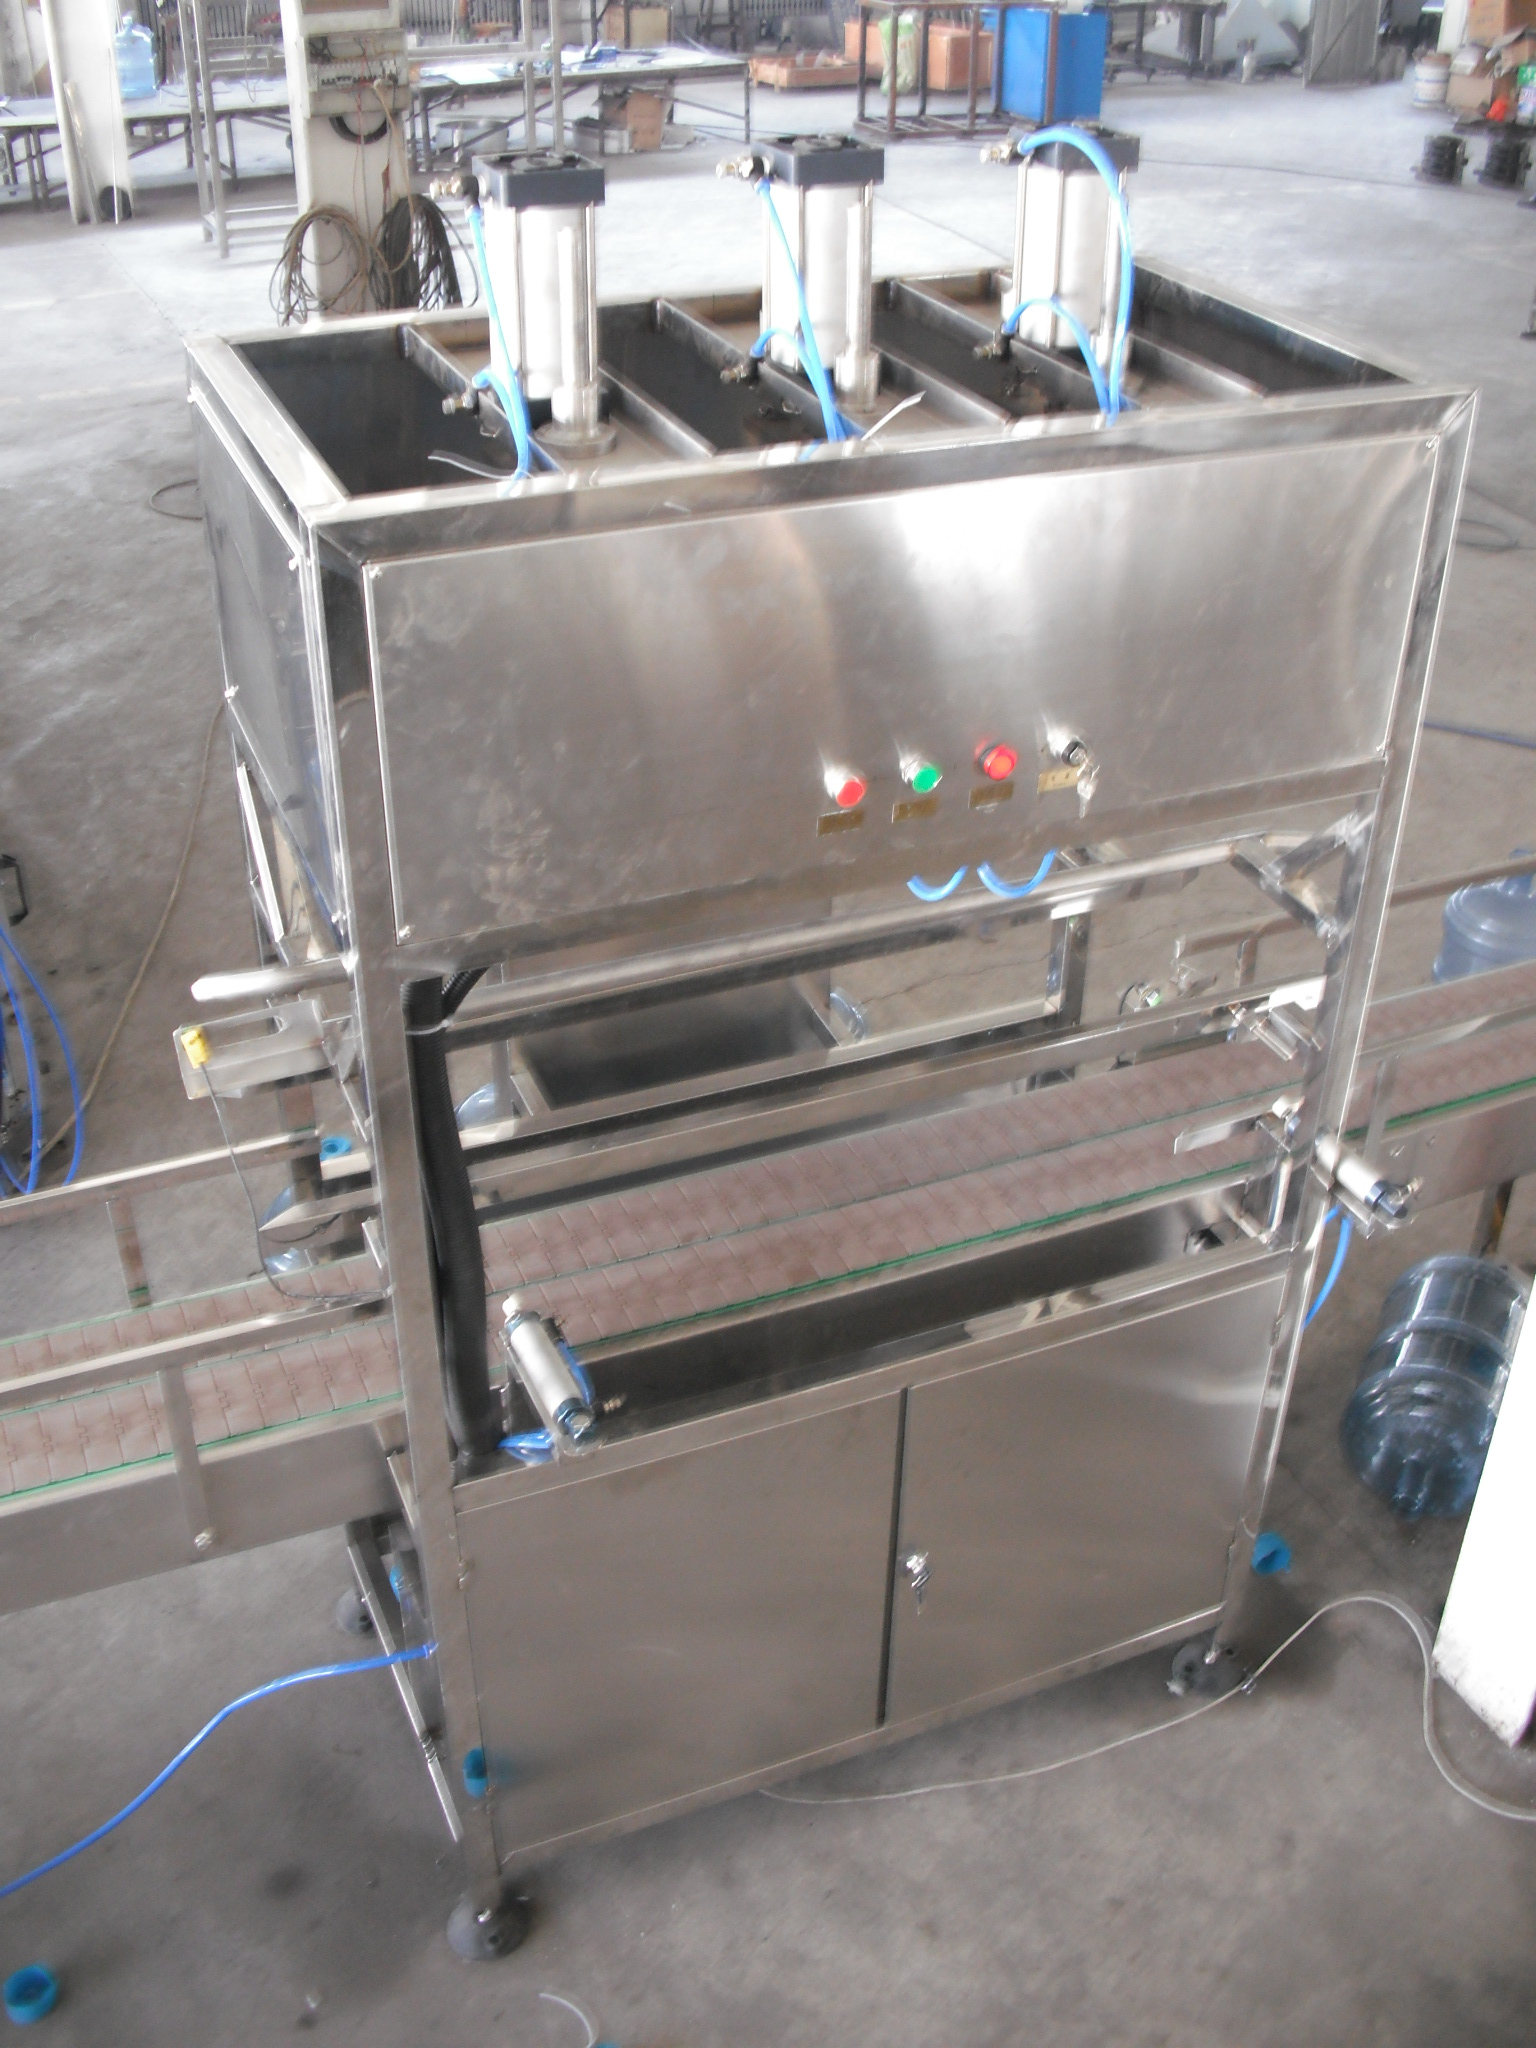 600桶桶装水生产线-258.com企业服务平台